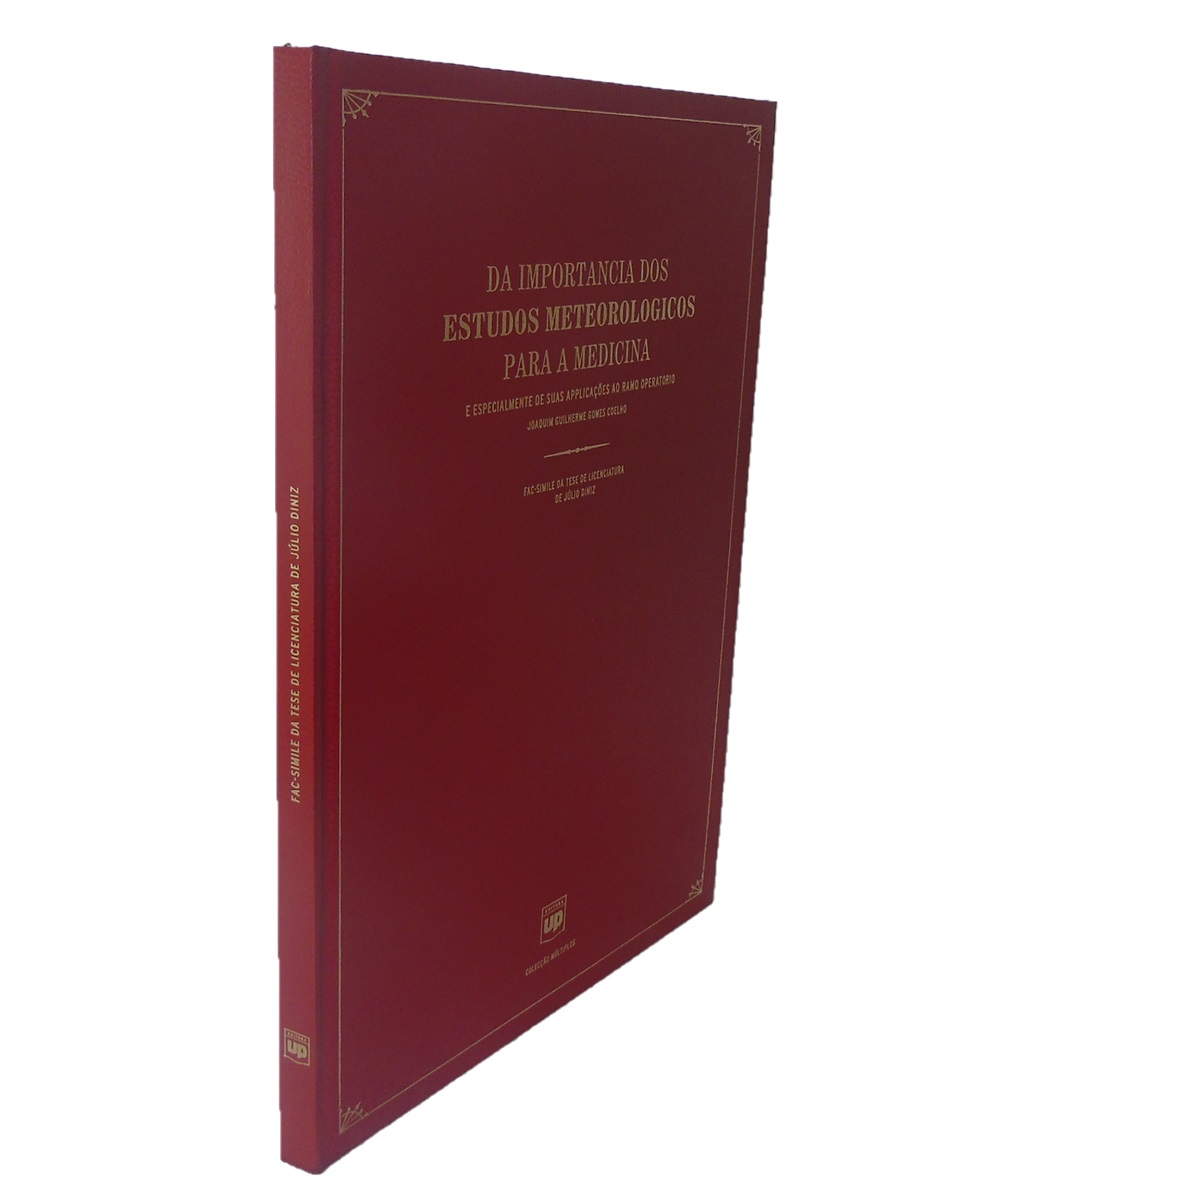 Da Importância dos Estudos Meteorologicos para Medicina e especialmente de suas applicações ao ramo operatorio.